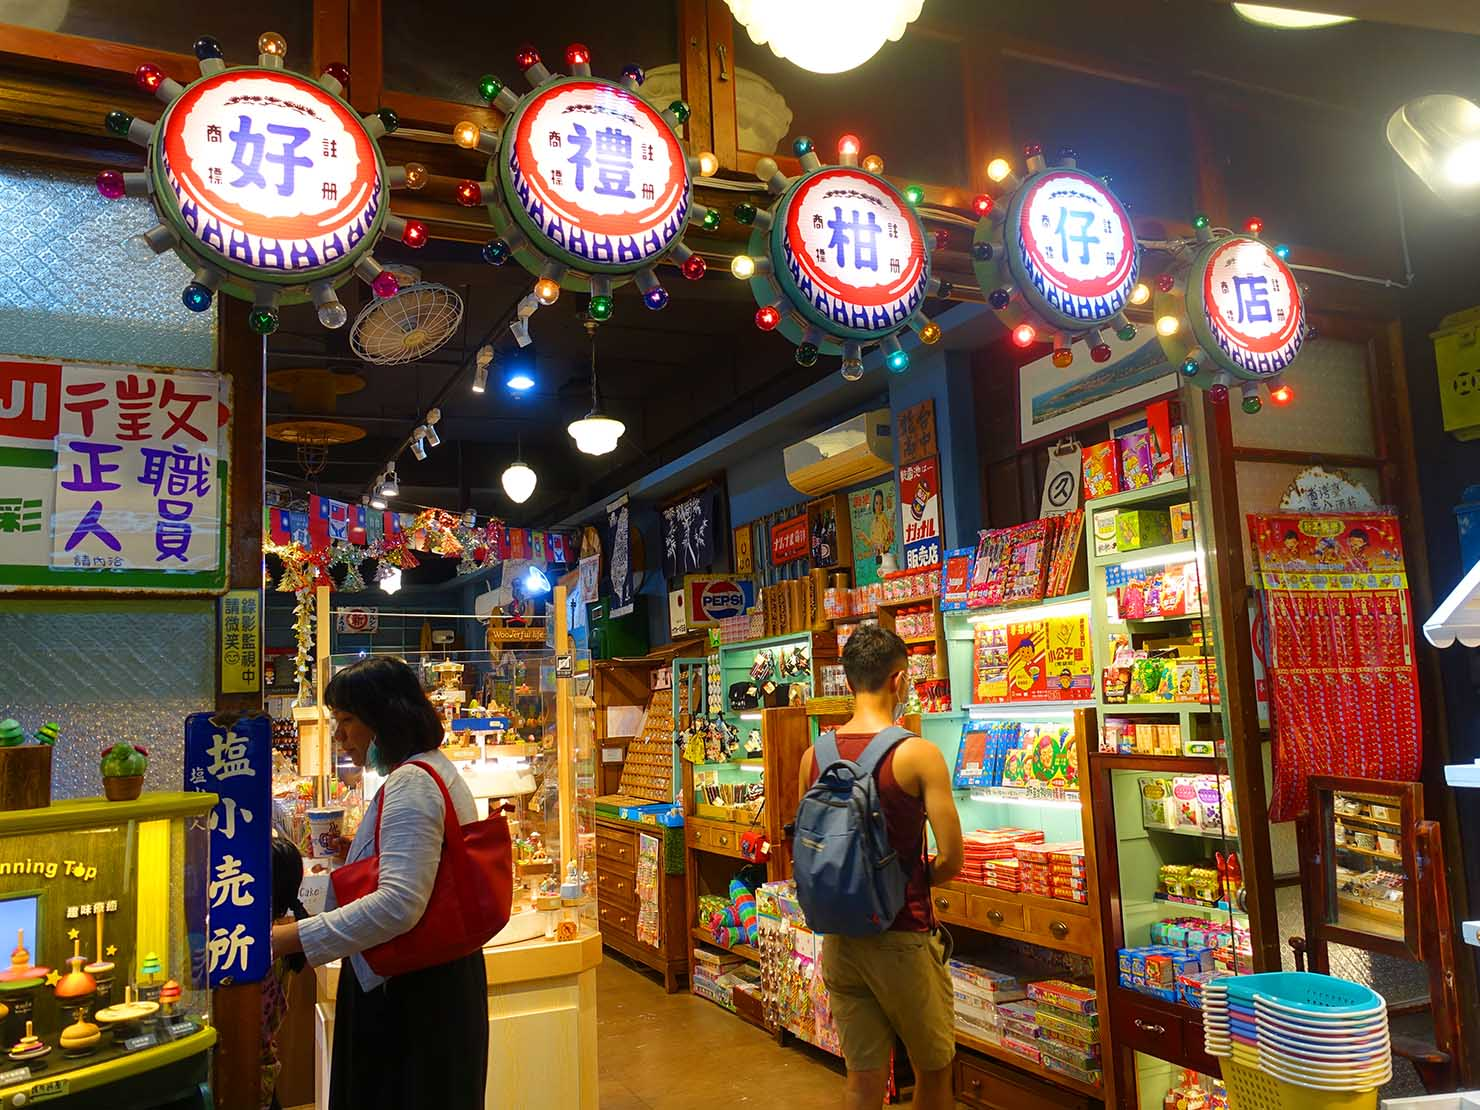 台北・淡水老街のおすすめスポット「中正路」に並ぶ柑仔店